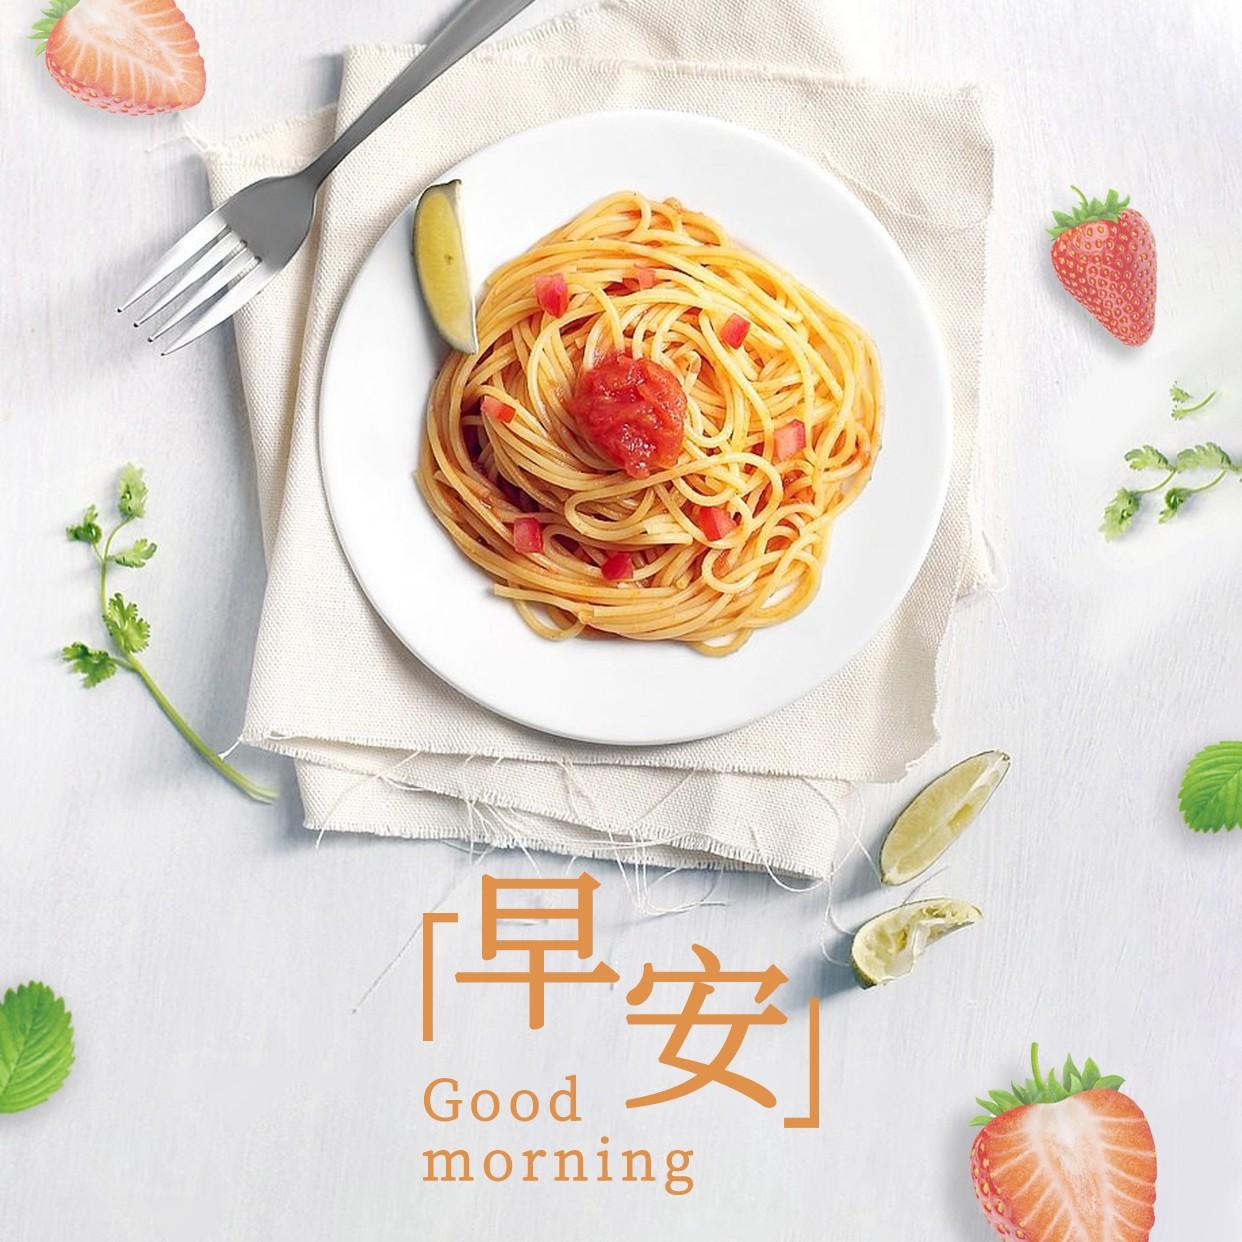 小清新餐饮美食美食方形海报